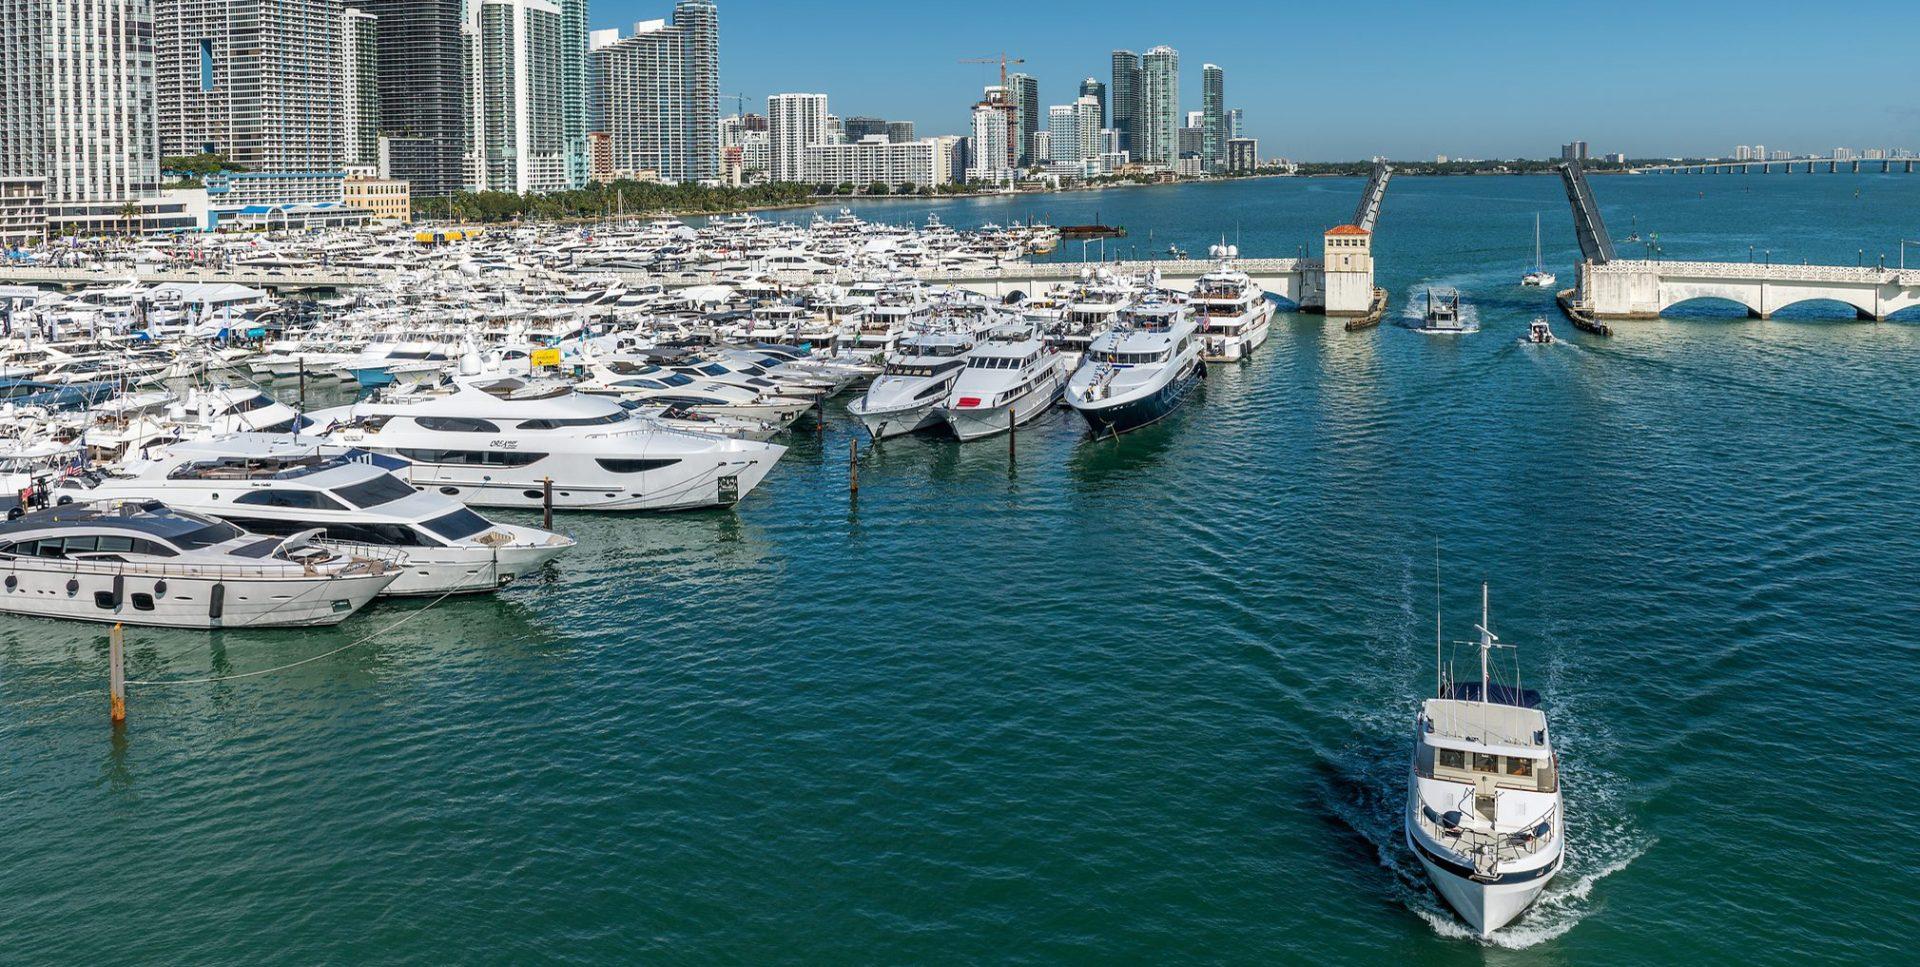 Miami International Boat Show, Miami Marina, docked full of luxury superyachts